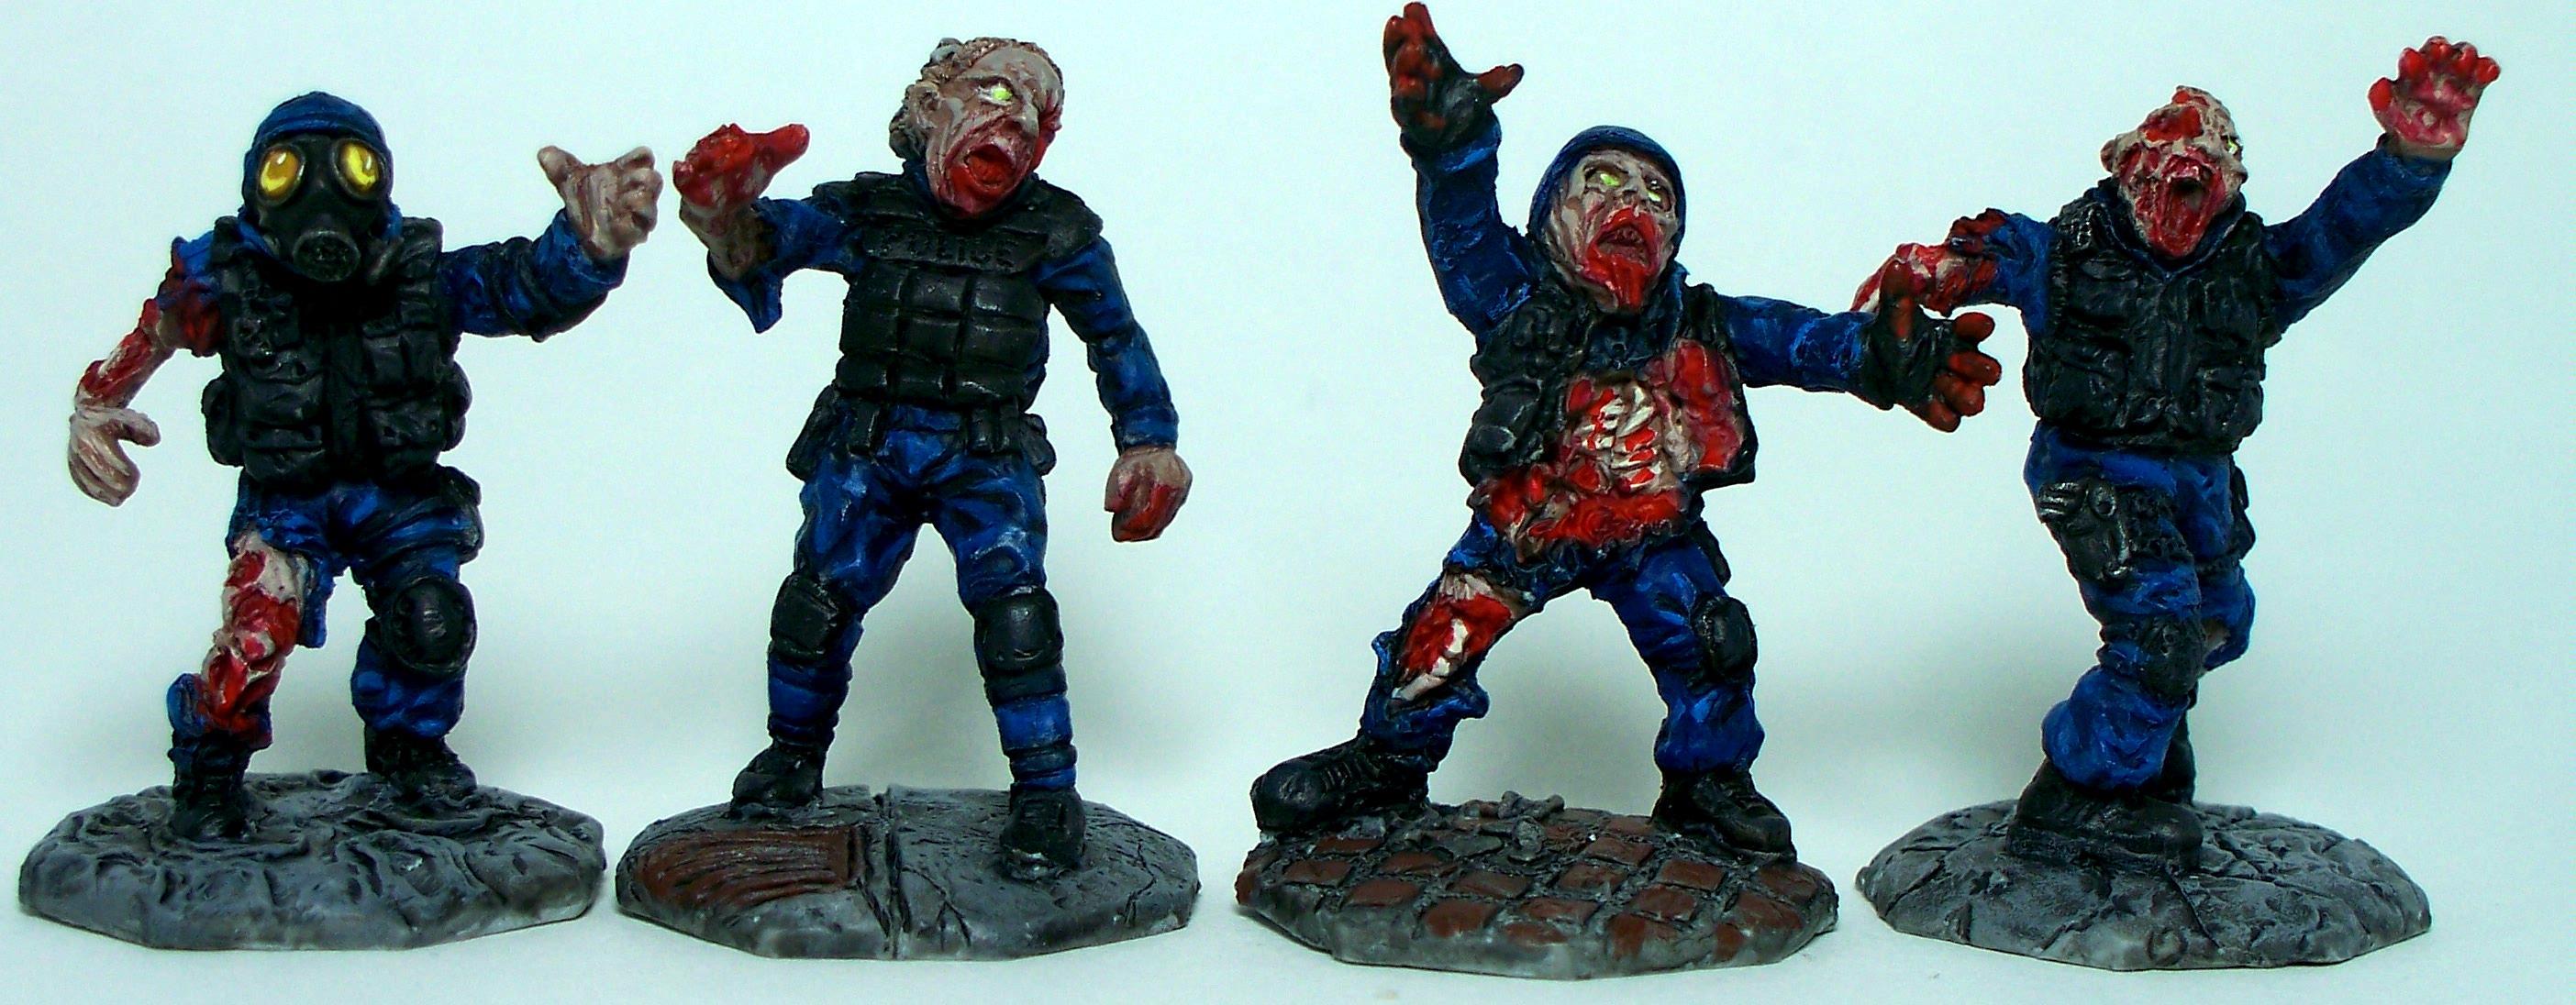 Gore, Undead, Zombie